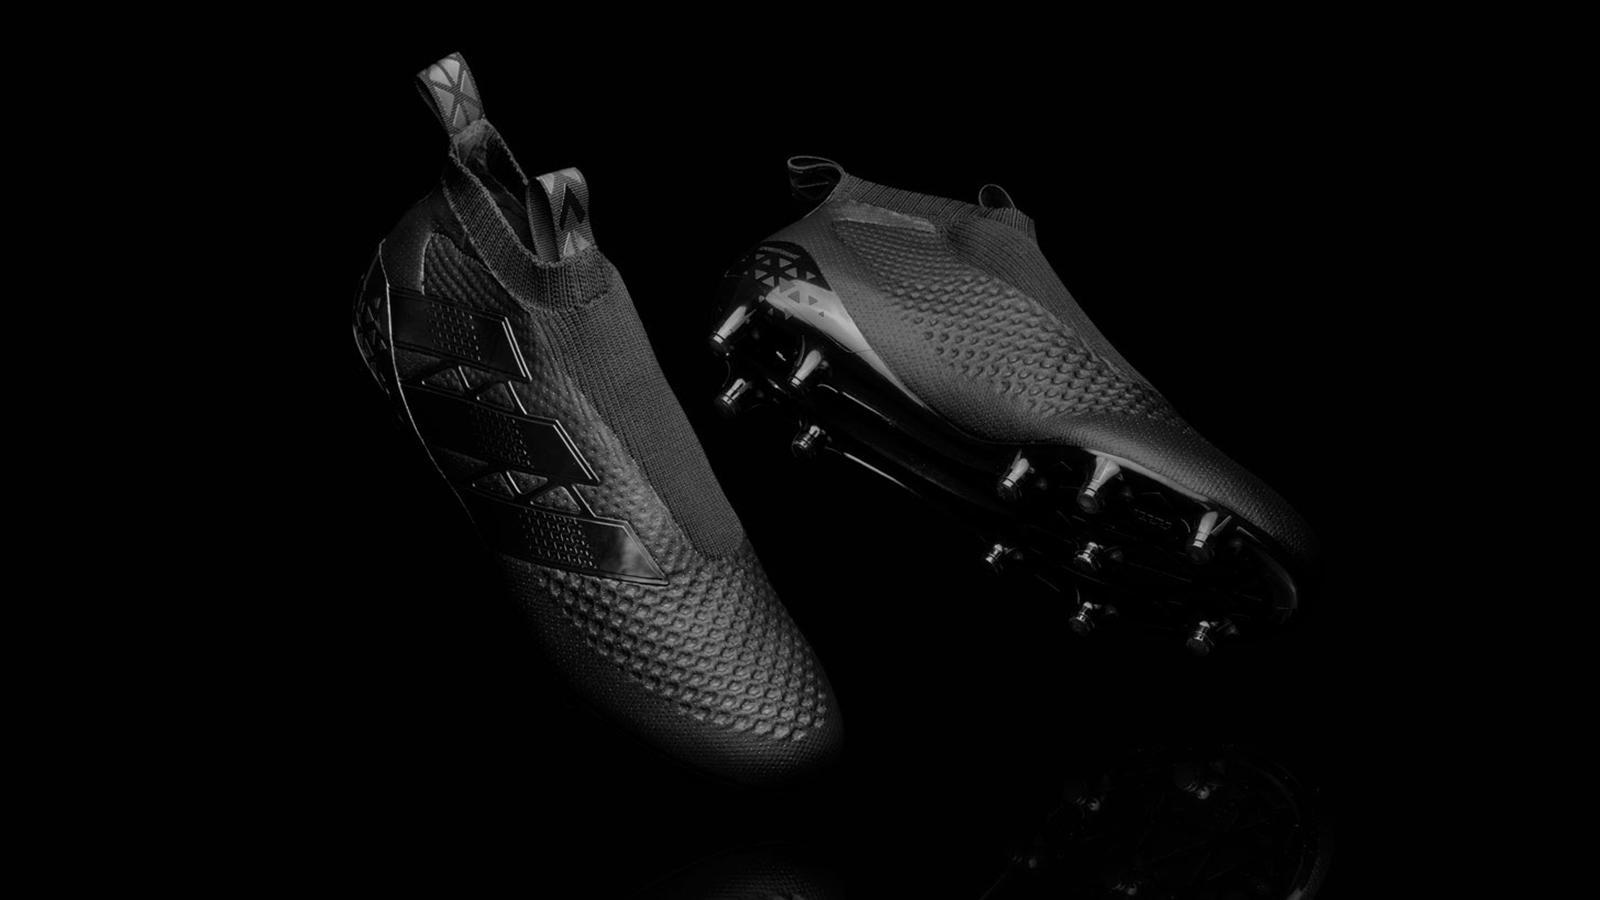 Adidas lance une chaussure de foot sans lacets ! - Economie ...